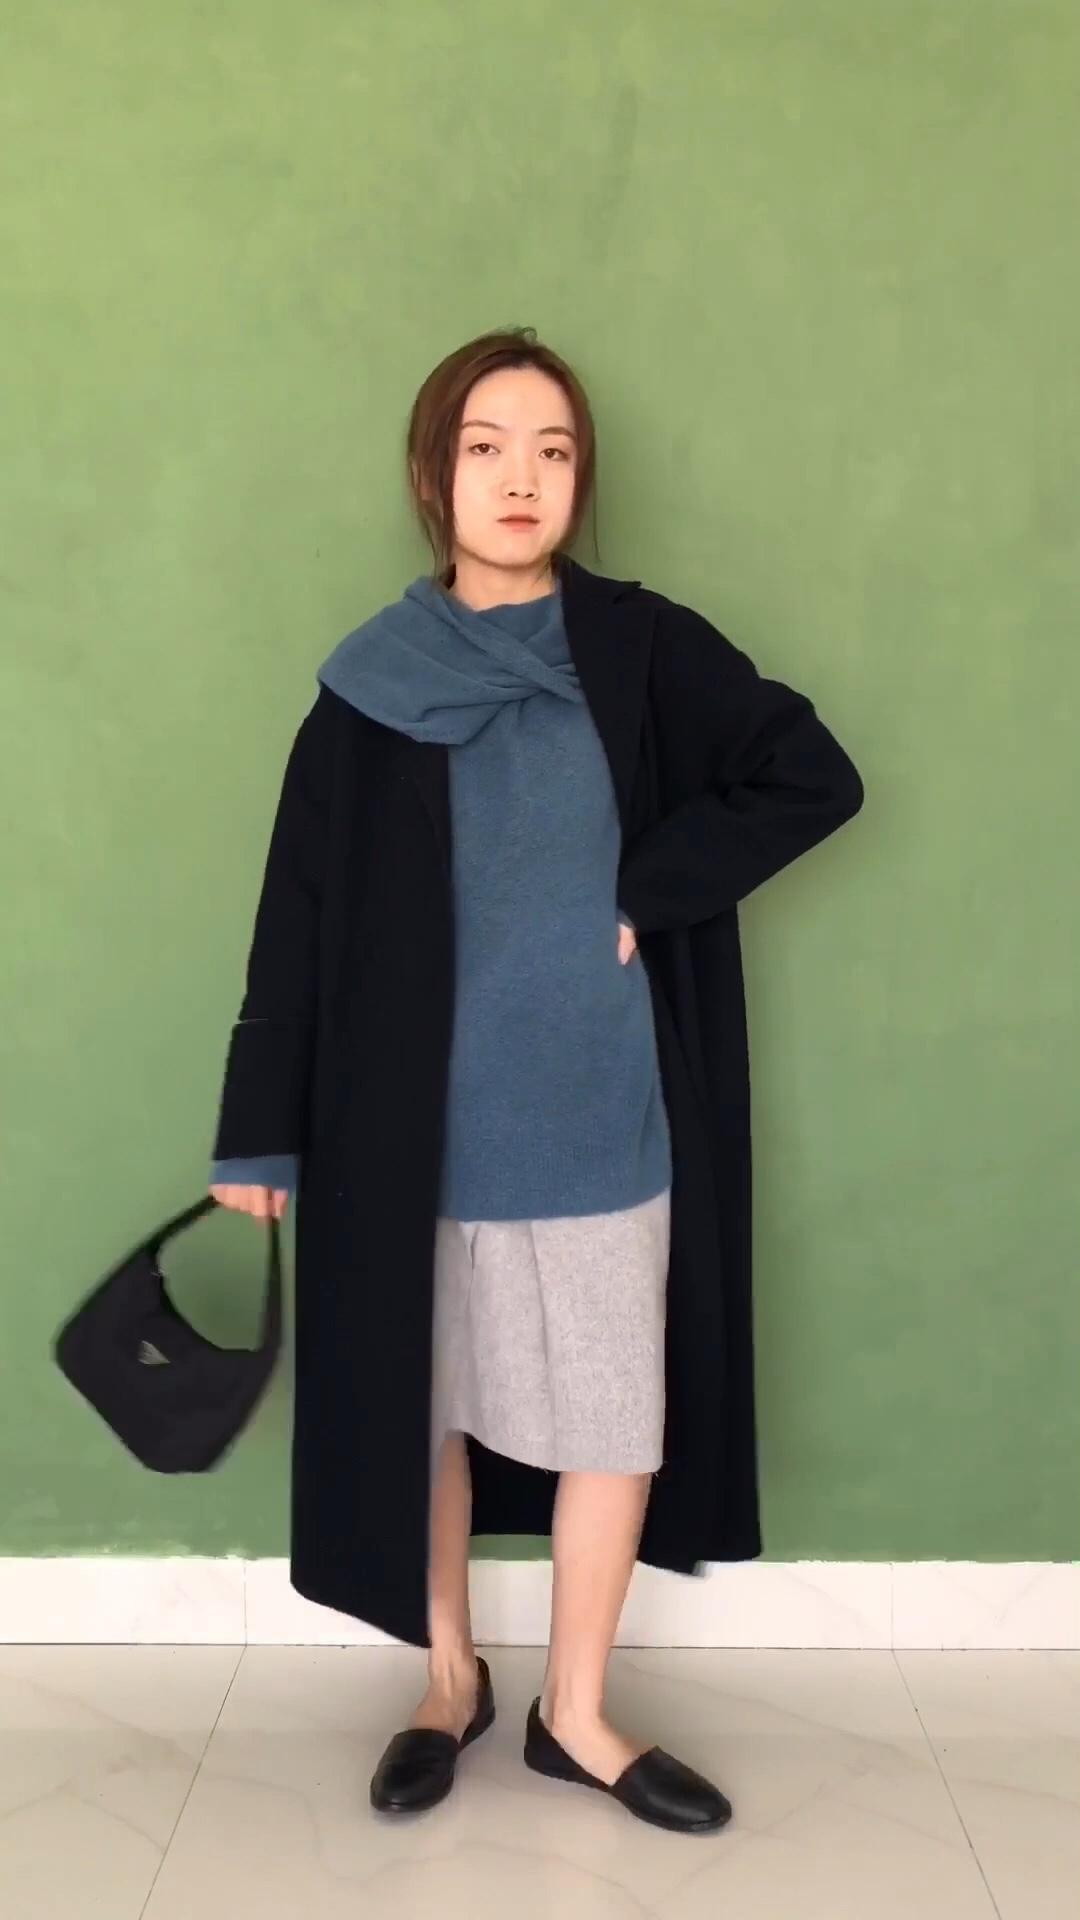 """内搭蓝色的毛衣+灰色的半裙,这个颜色组合太油温啦,越看越喜欢💕毛衣跟围巾是连接在一起的,随意的捏造造型都很好看,半身裙前面是两片不规则设计,有镭射切割边出来的不规则抽丝效果~最外面再穿一件黑色毛呢大衣,看起来是不是更显瘦啦~喜欢它袖口小开口的设计~不经意间透露的小心机😁 #双11梨形身材如何""""瘦""""十斤?#"""